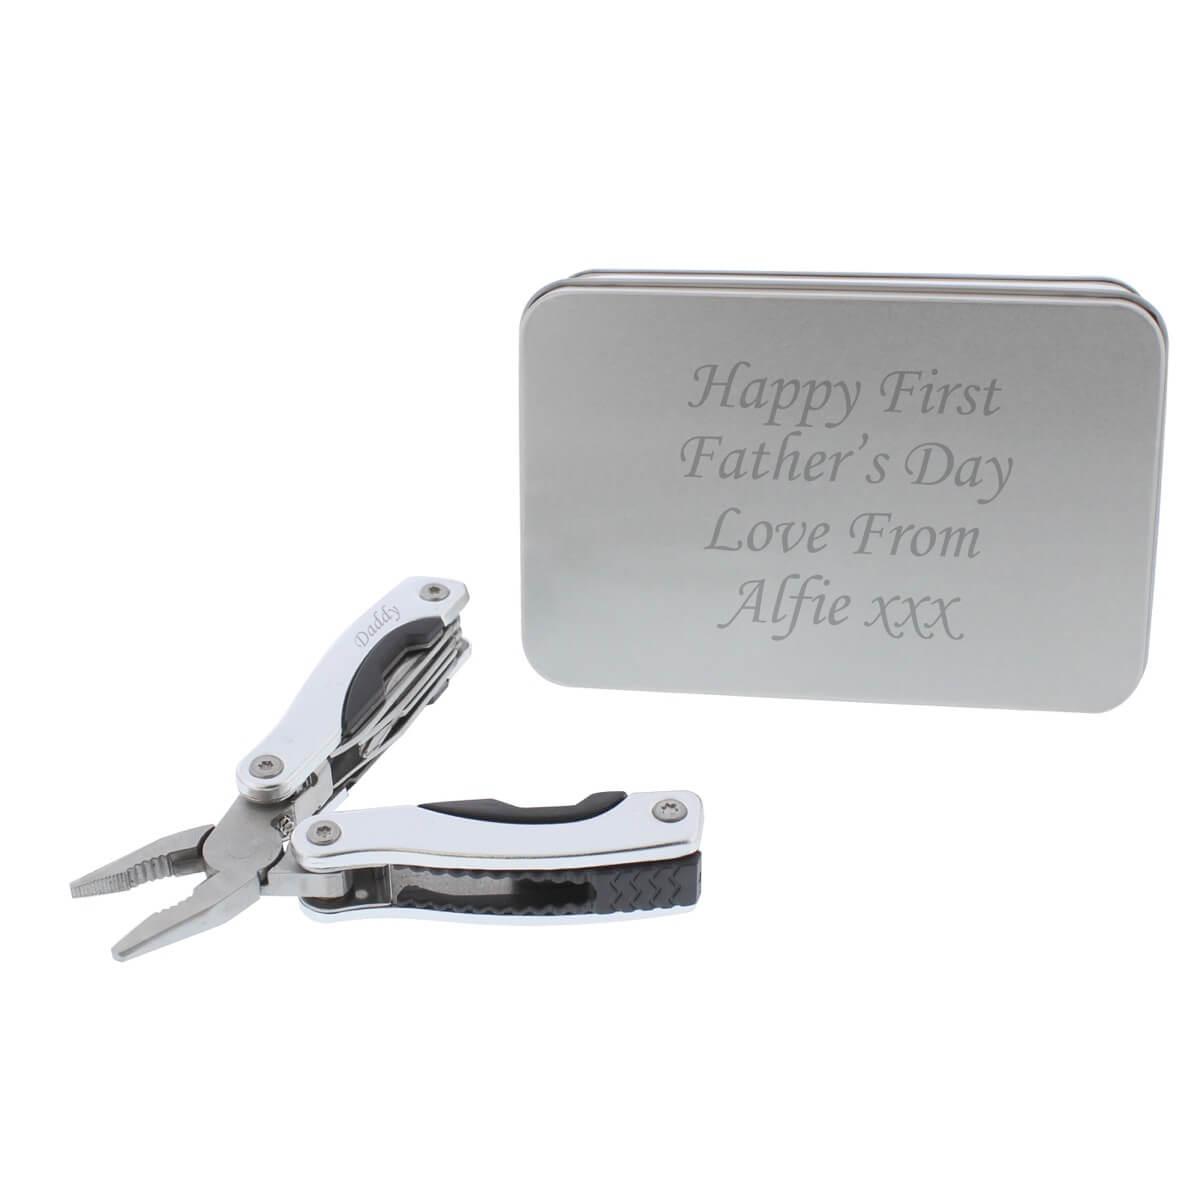 Personalised Stainless Steel Multifunctional Pliers